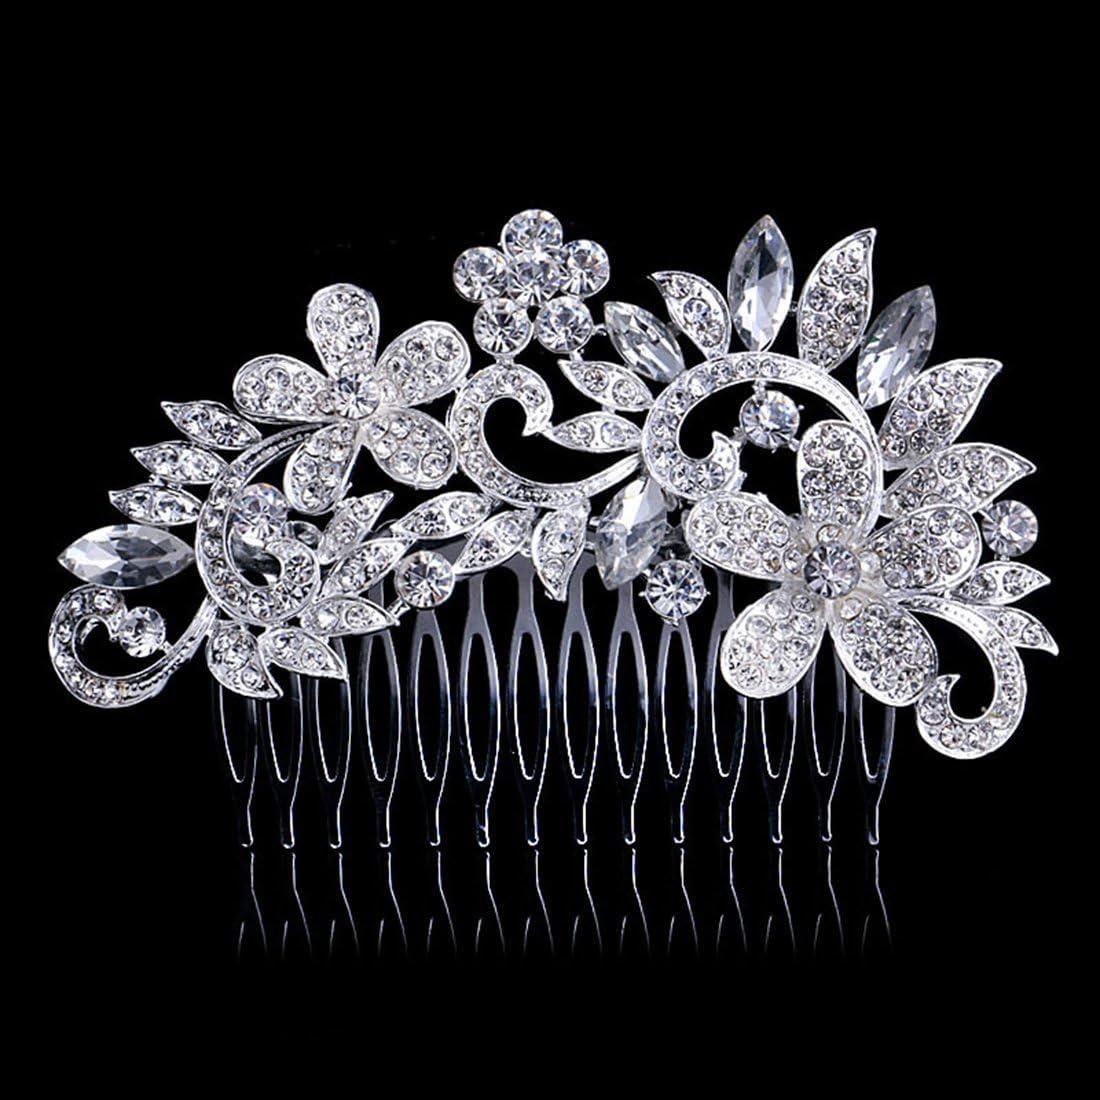 Dooppa Peigne /à cheveux avec fleurs et strass pour femme Pour un mariage